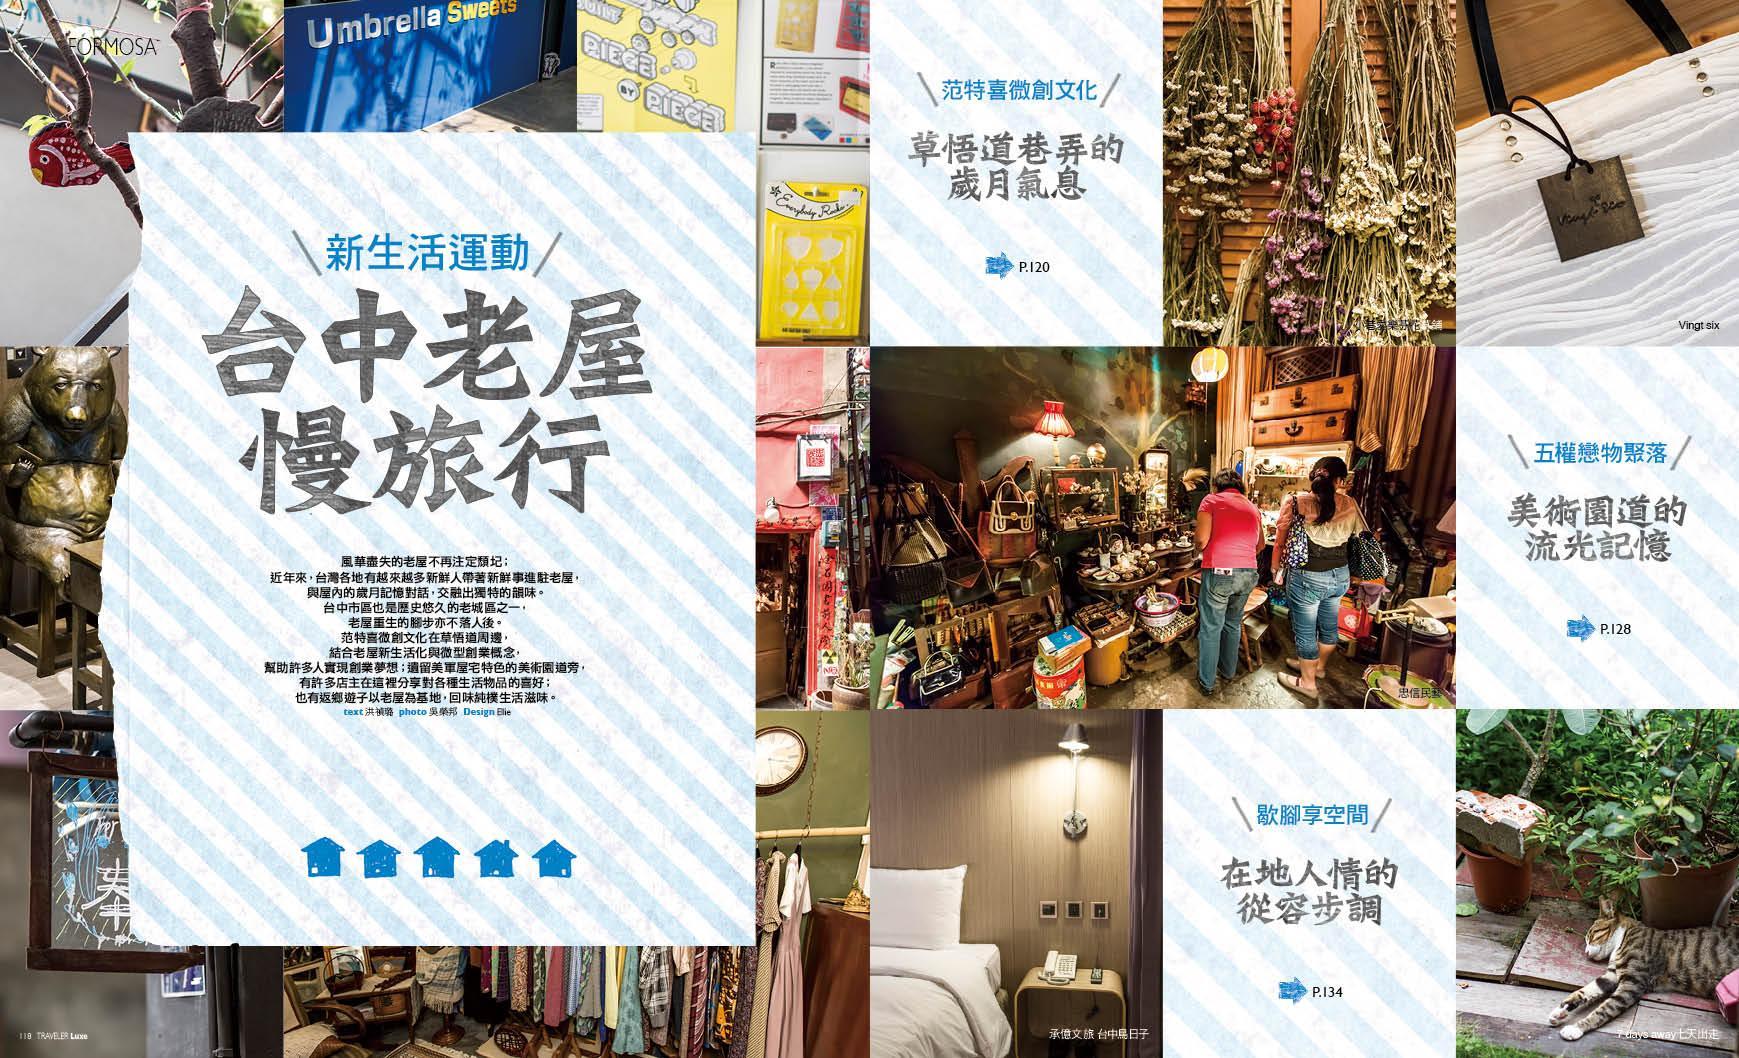 秘密,你不知道的香港旅行30+ pic5